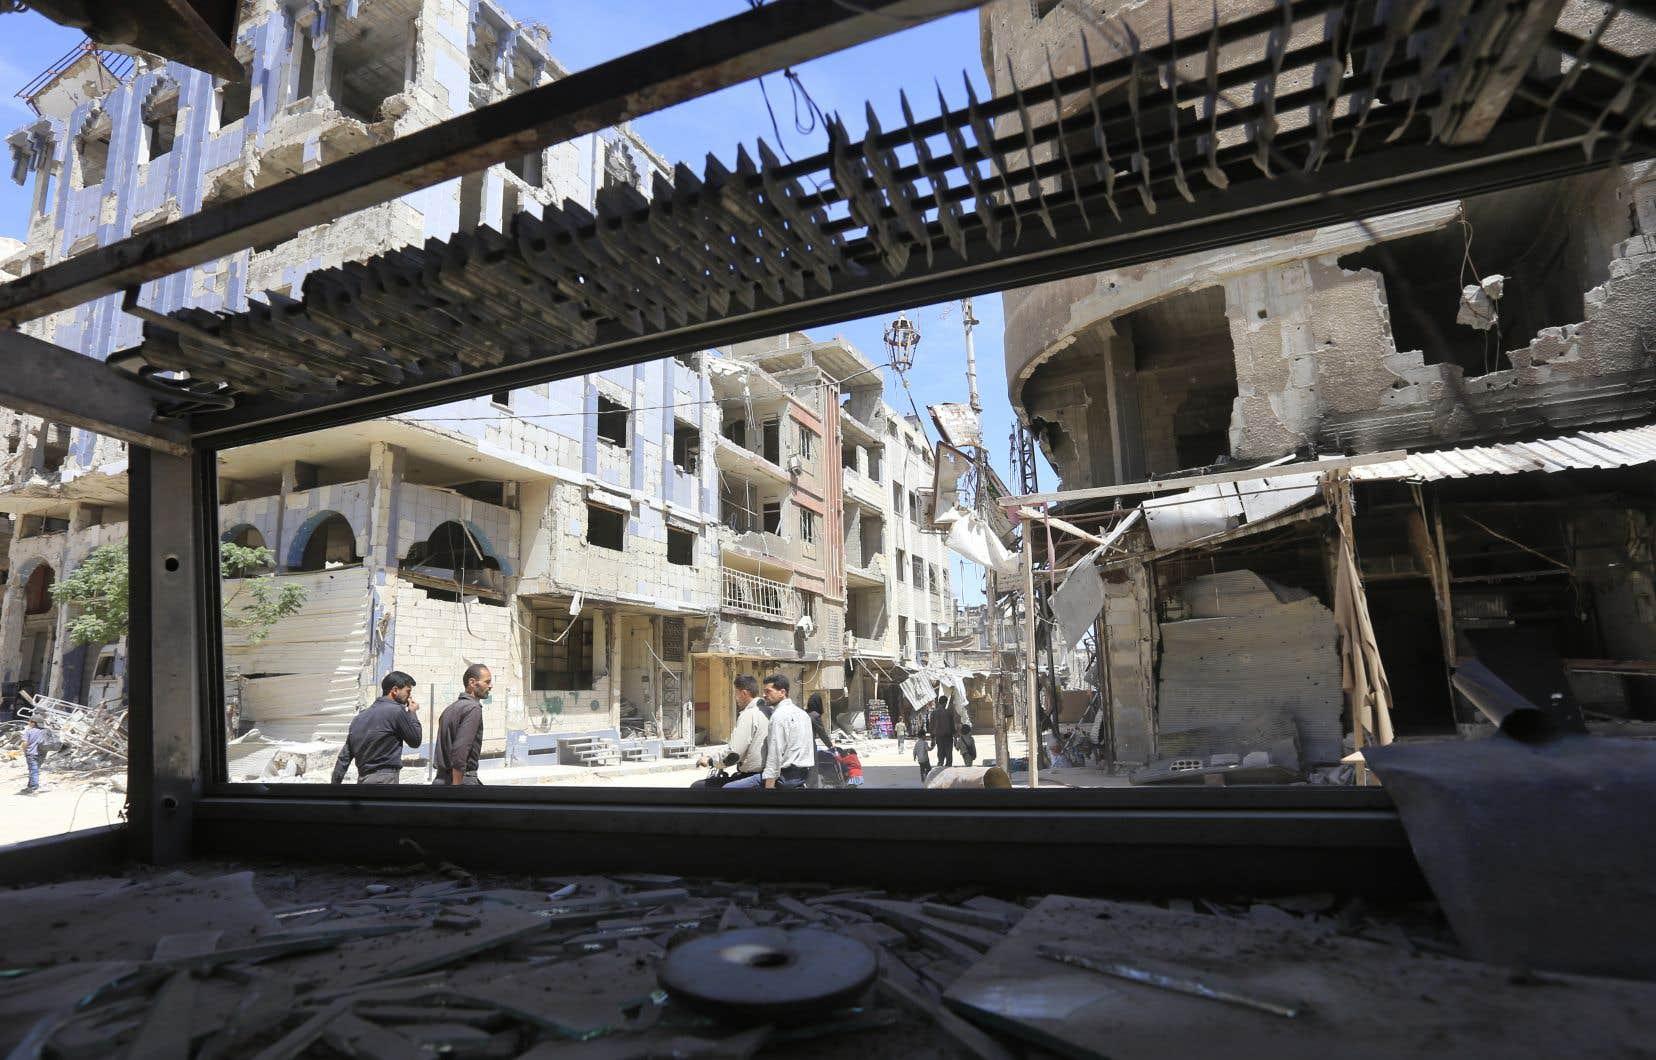 La ville de Douma, ex-fief rebelle dans la Ghouta orientale, aux portes de Damas, est depuis samedi sous contrôle total du régime syrien et de la police militaire russe.